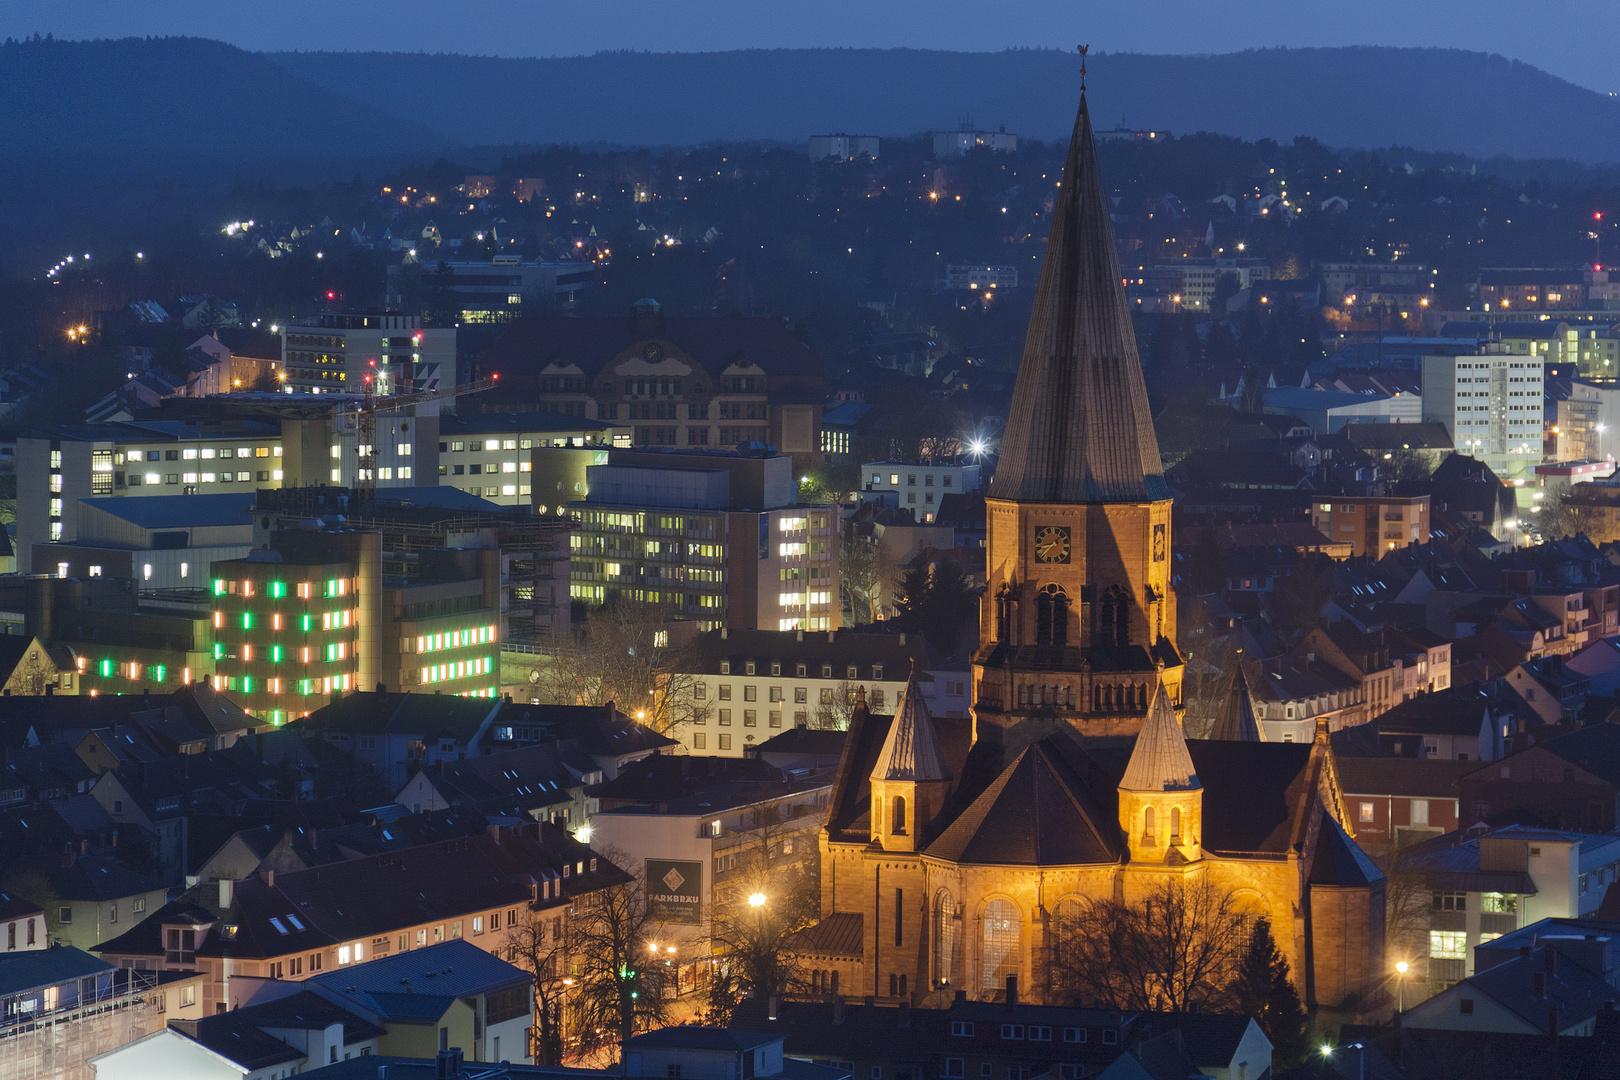 Kaiserslautern bei Nacht